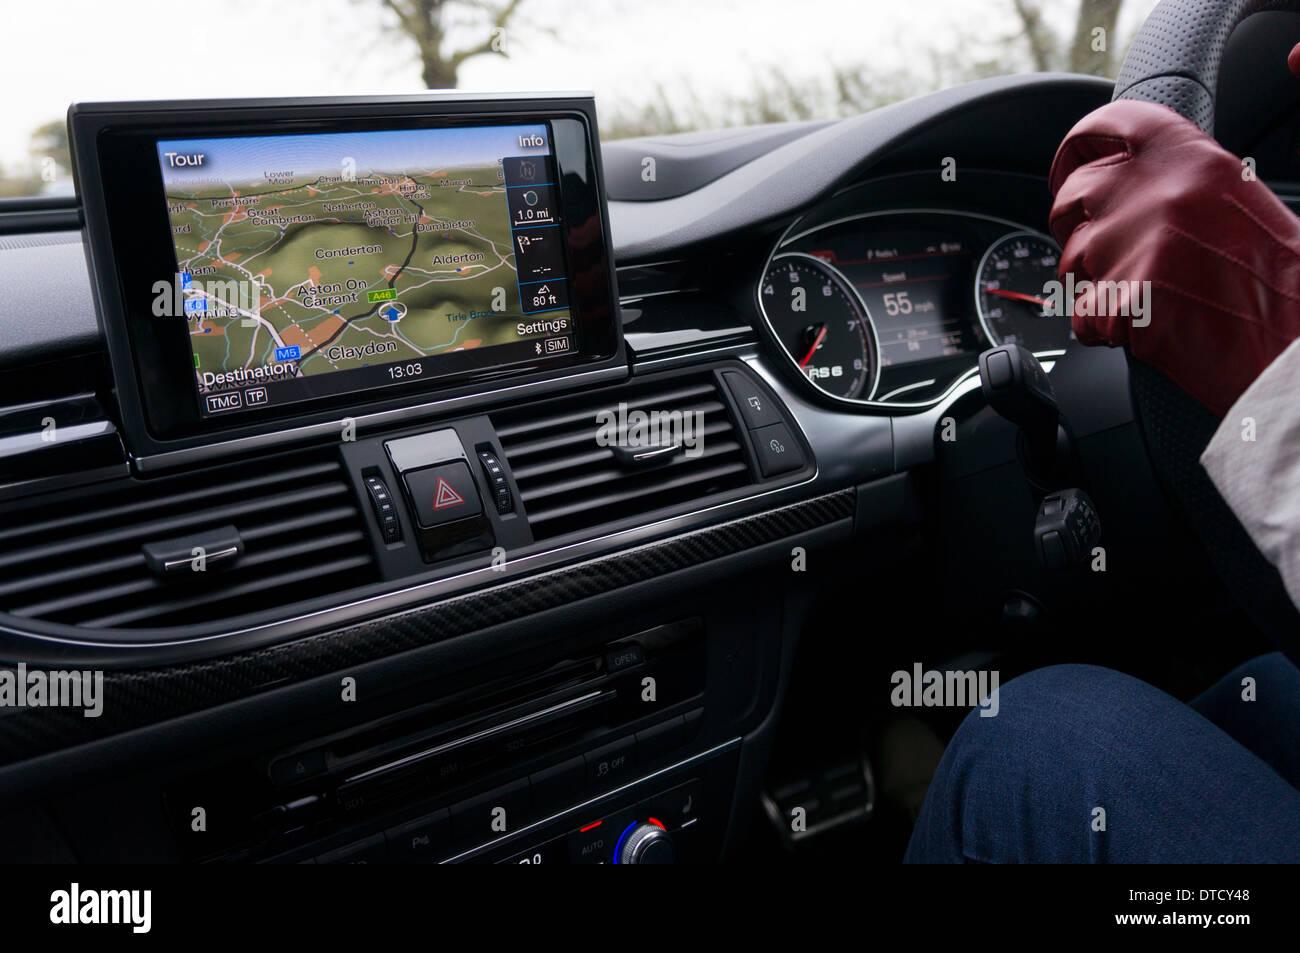 Driving car following satnav - Stock Image